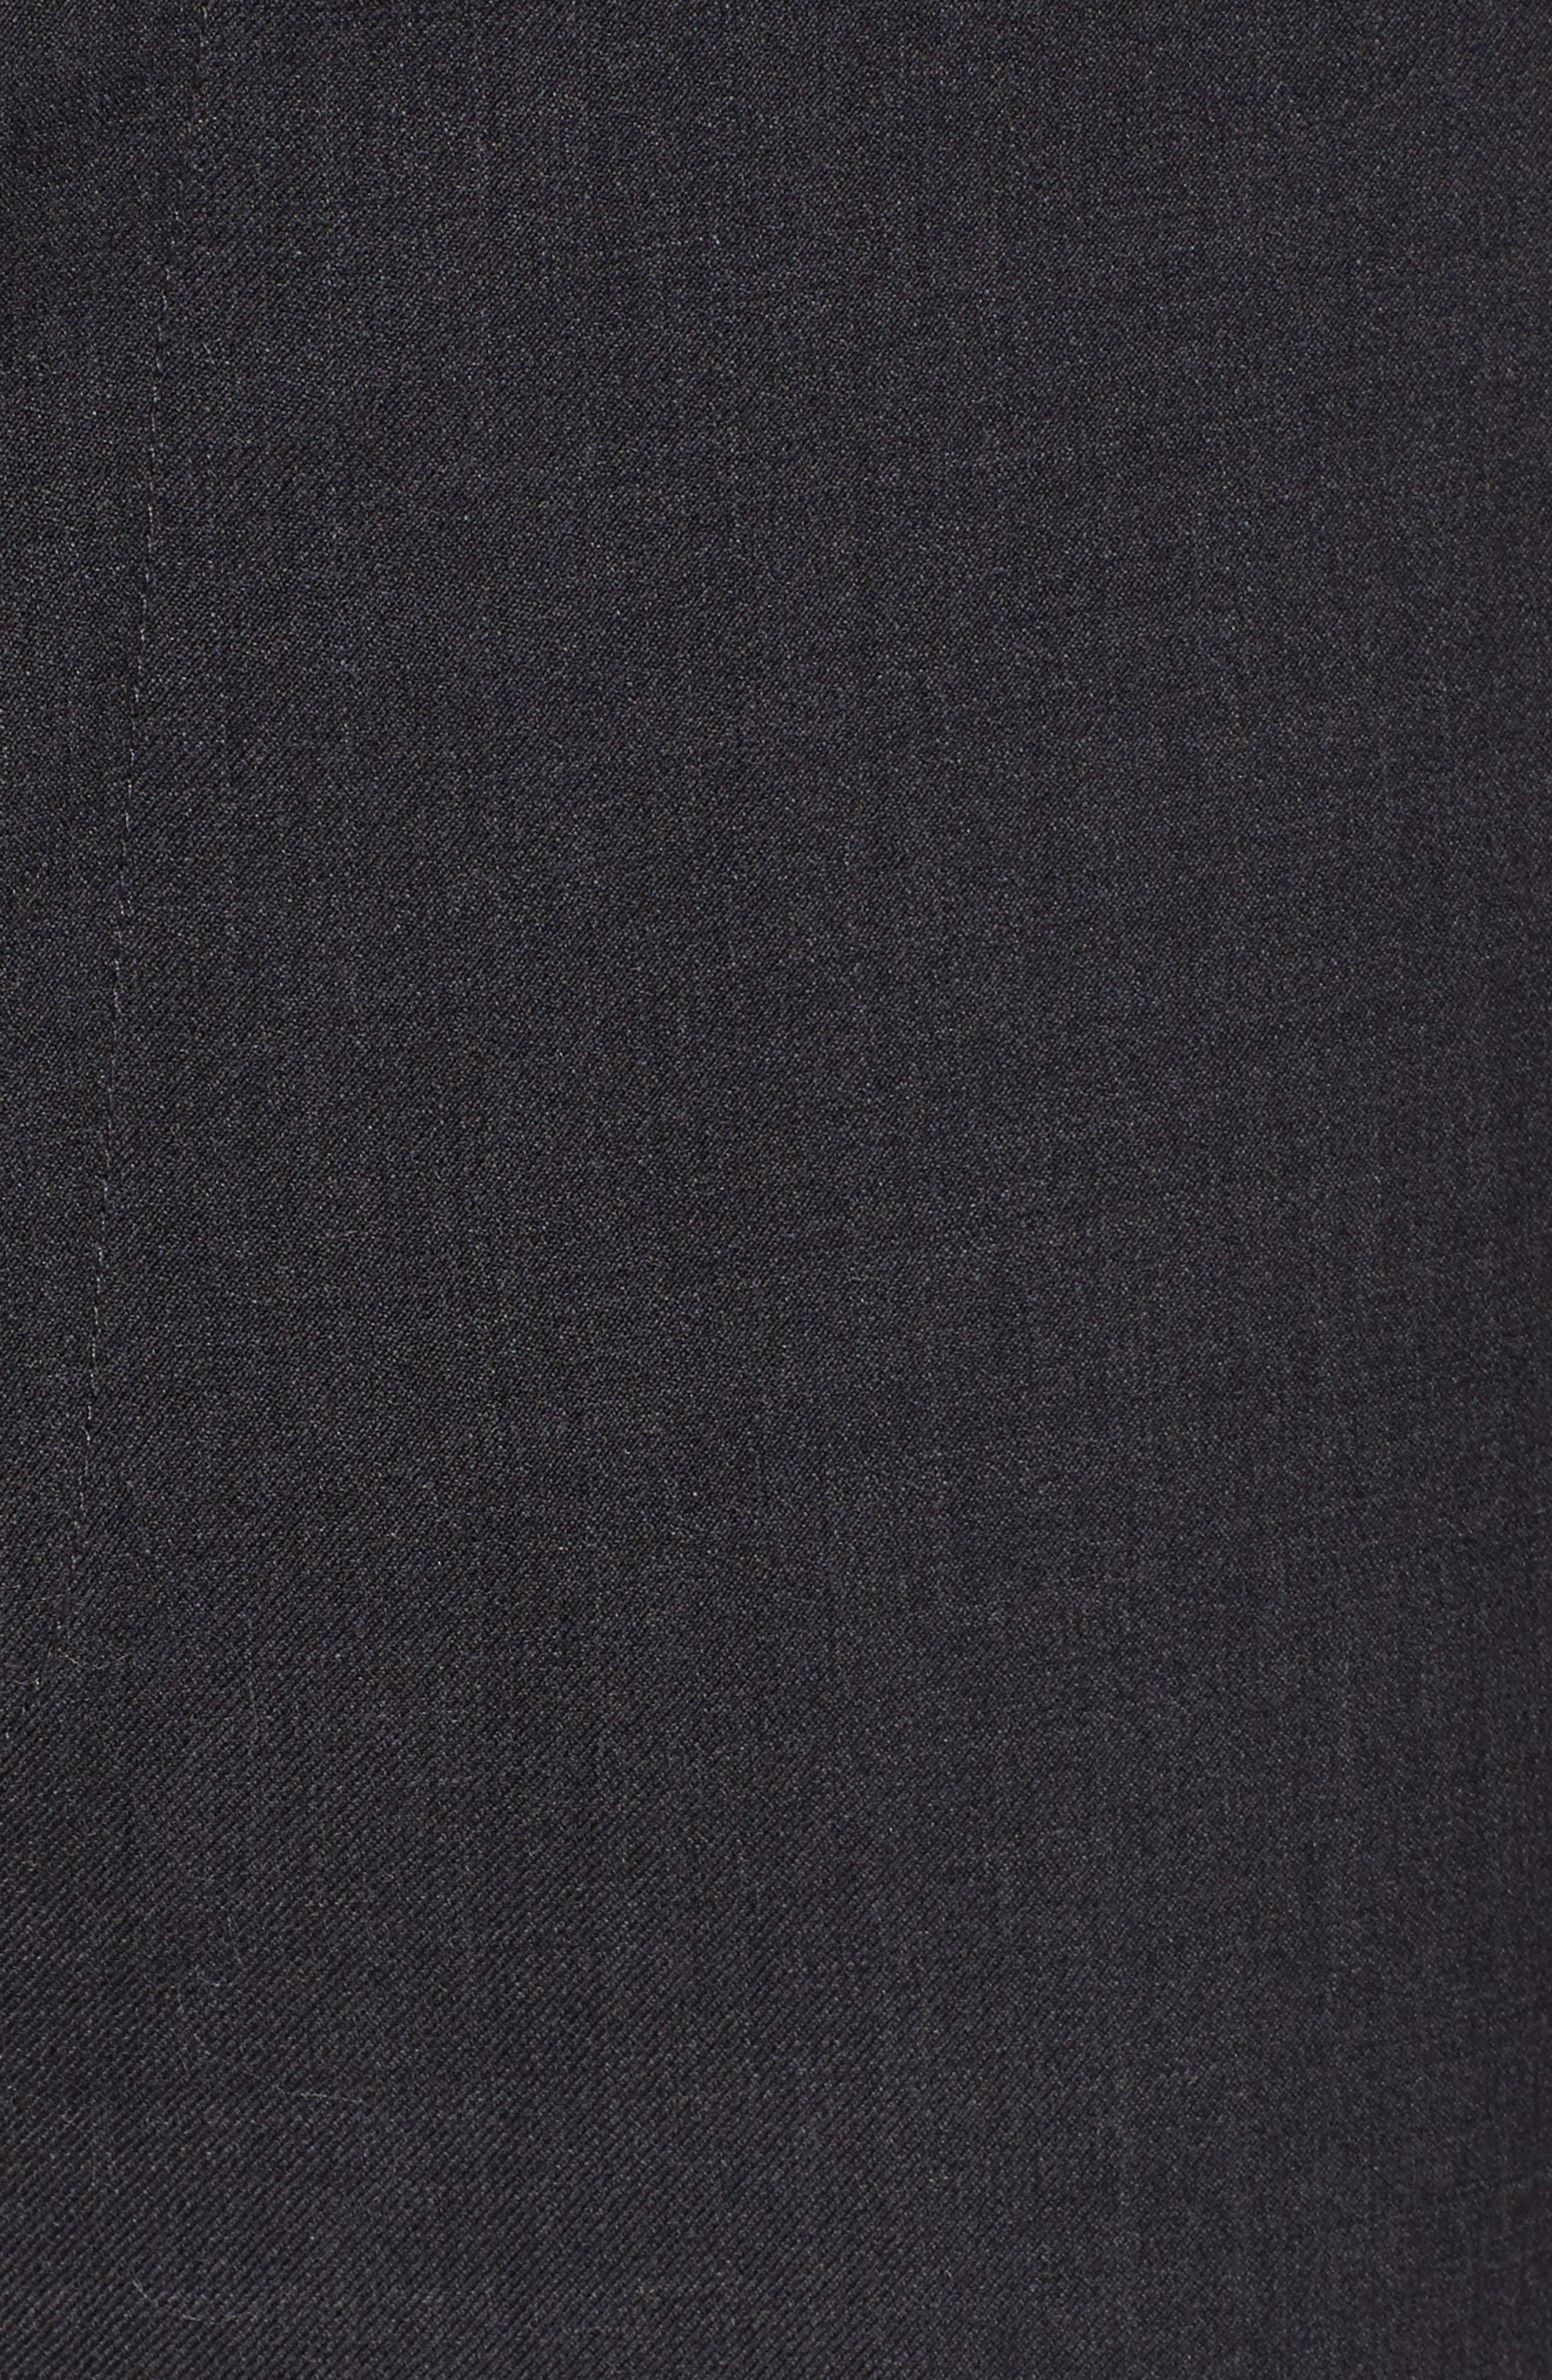 Gab Trim Fit Flat Front Pants,                             Alternate thumbnail 2, color,                             002